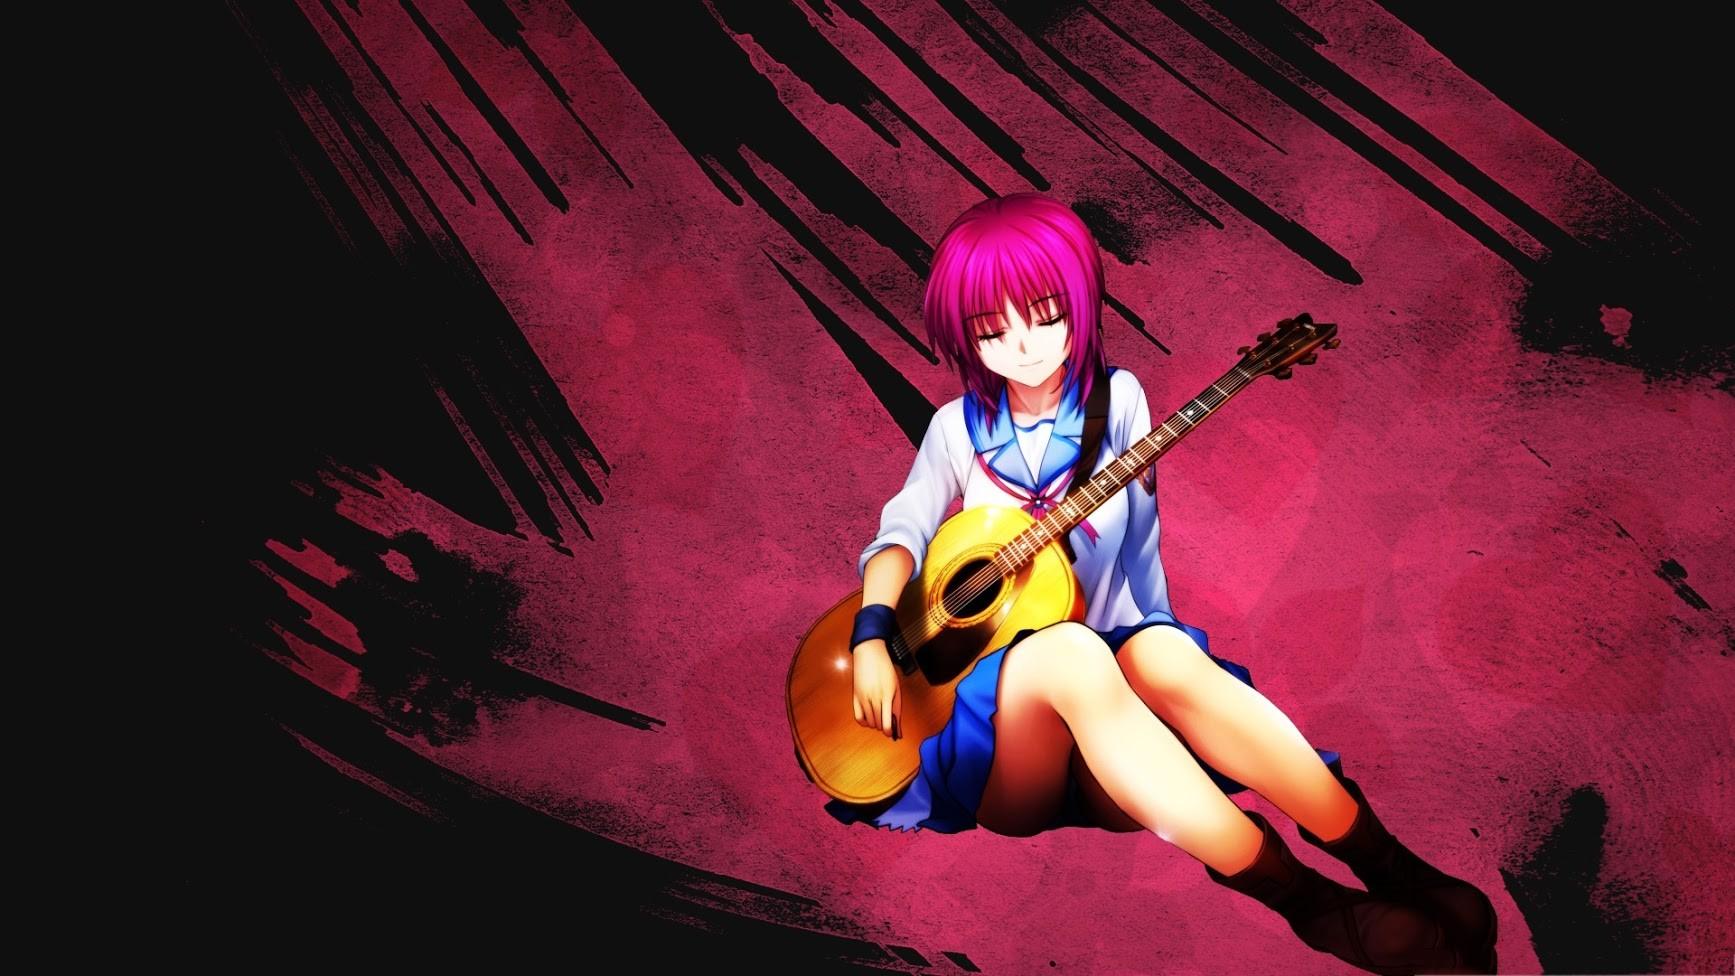 デスクトップ壁紙 図 アニメの女の子 ギター 学生服 エンジェル